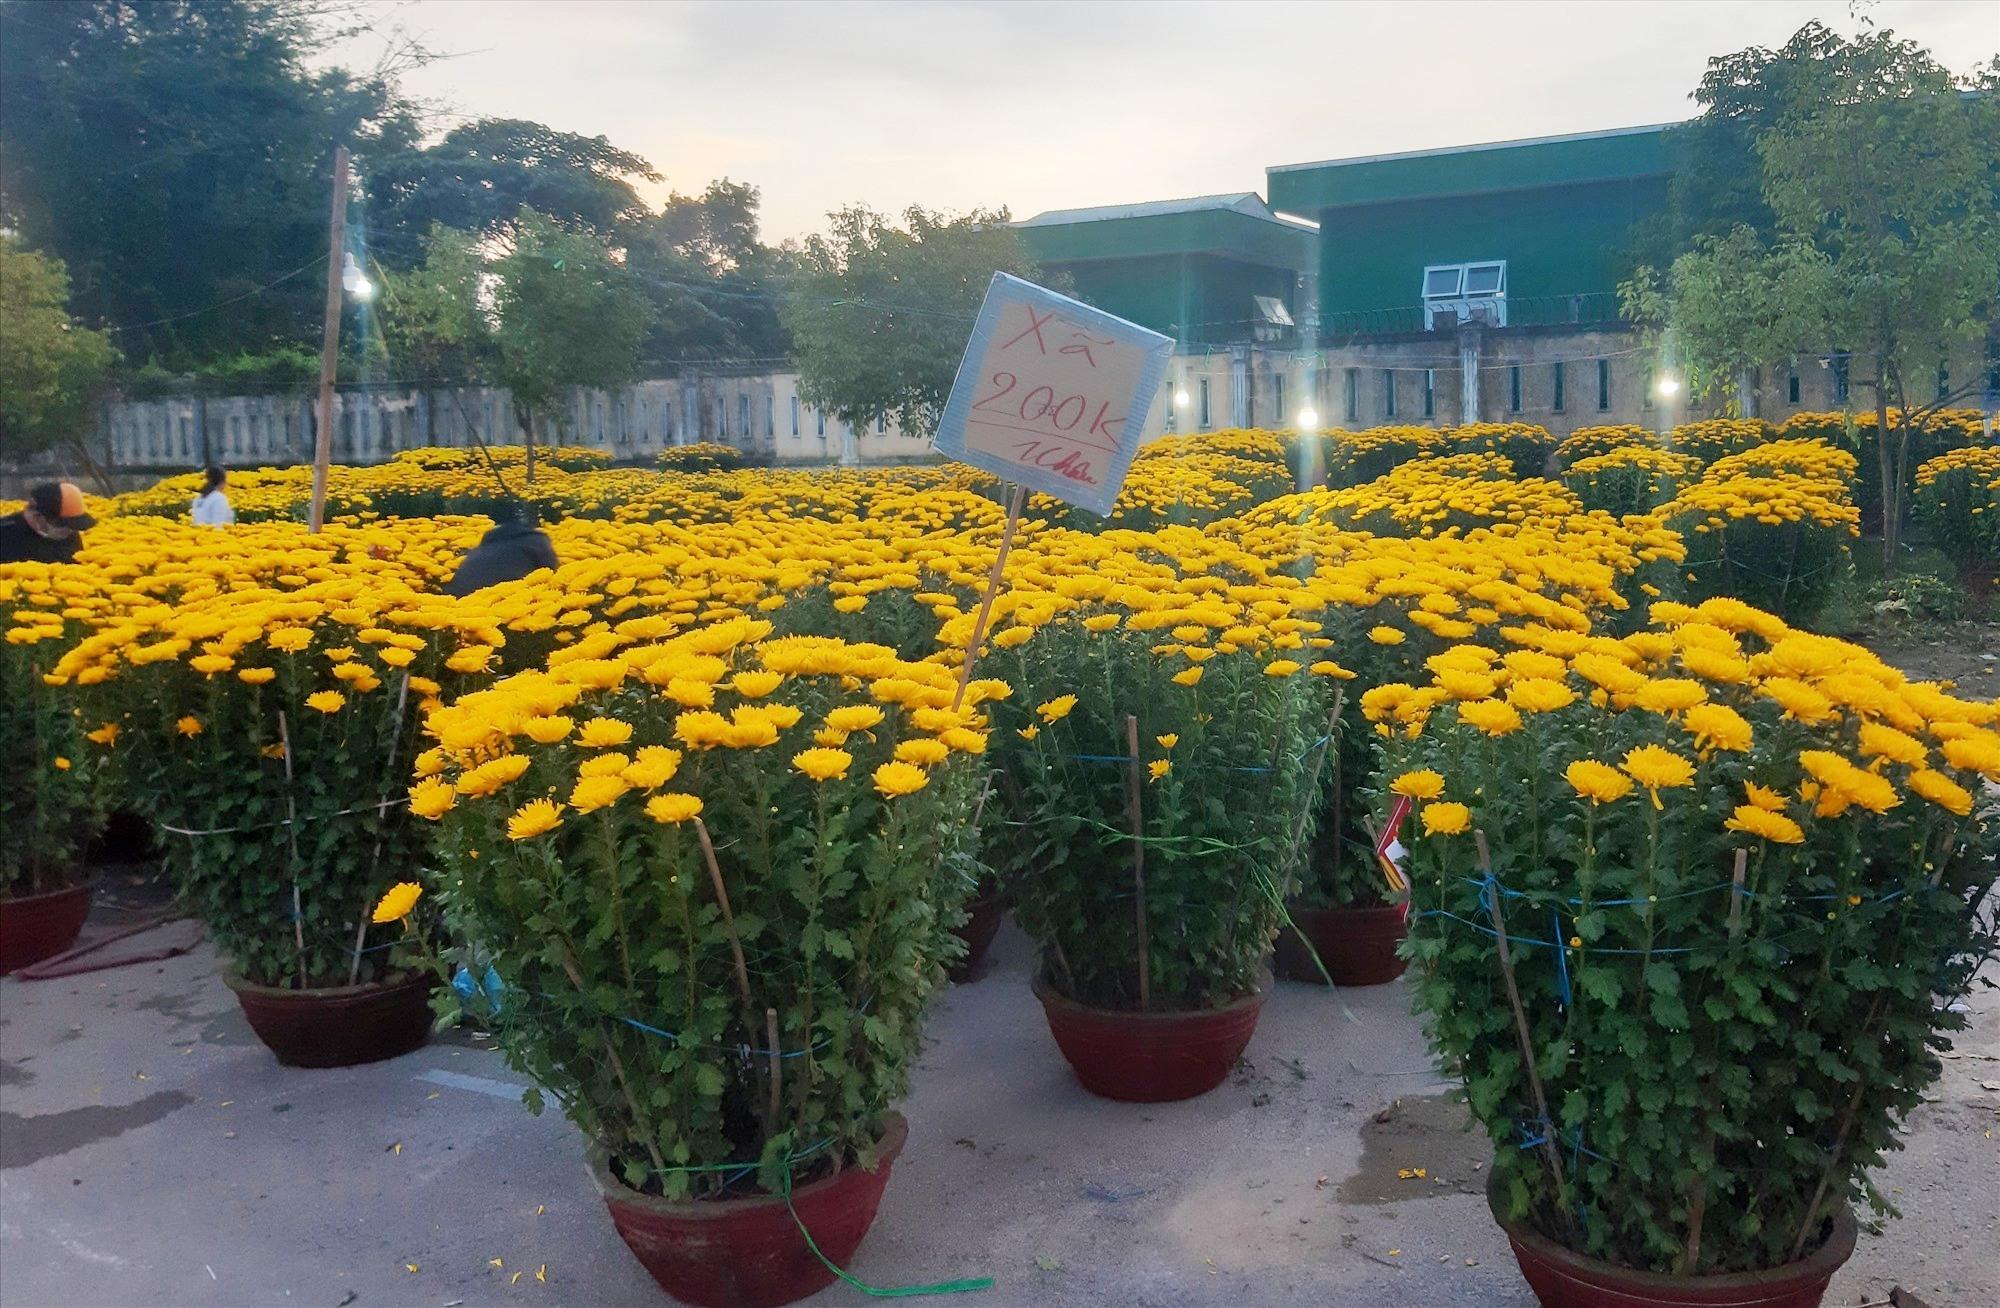 Chiều tối ngày 30 tháng Chạp, tại điểm bán hoa xuân phường An Mỹ vẫn còn rất nhiều hoa. Ảnh: THANH THẮNG